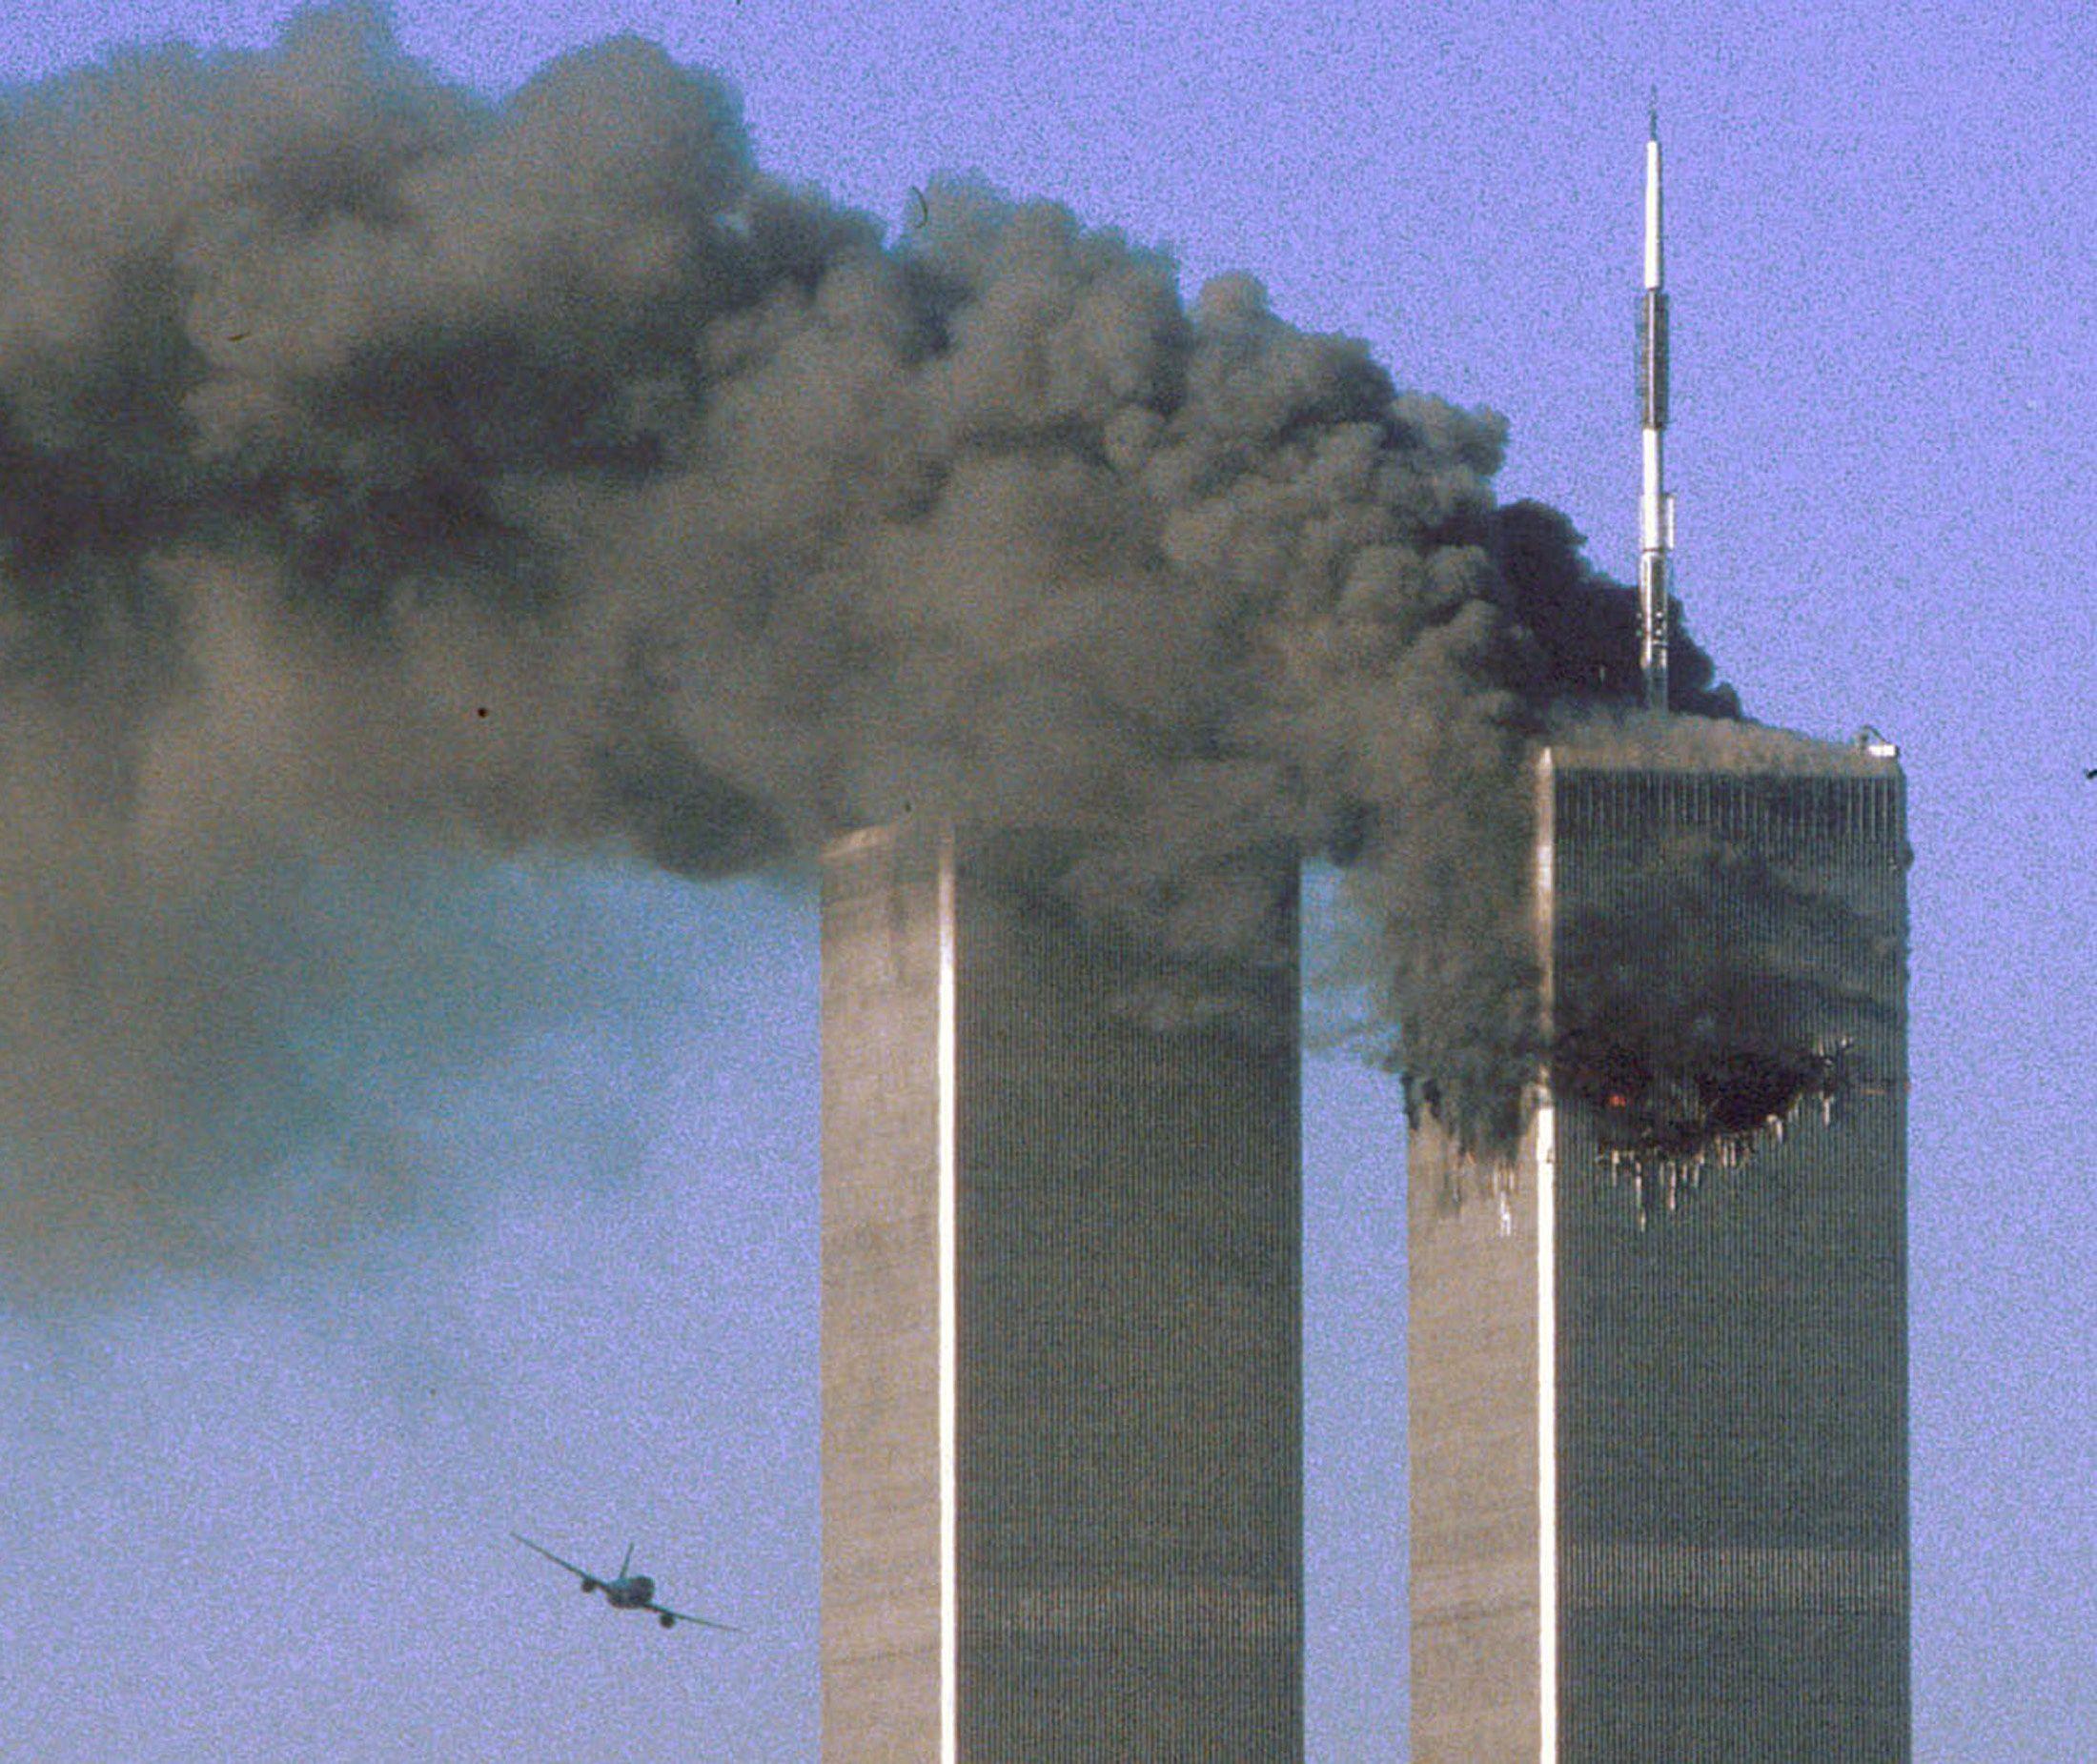 El vuelo 175 de United Airlines se dirige hacia la torre sur del World Trade Center. La torre norte había sido impactada unos minutos antes (REUTERS/Sean Adair/archivo)